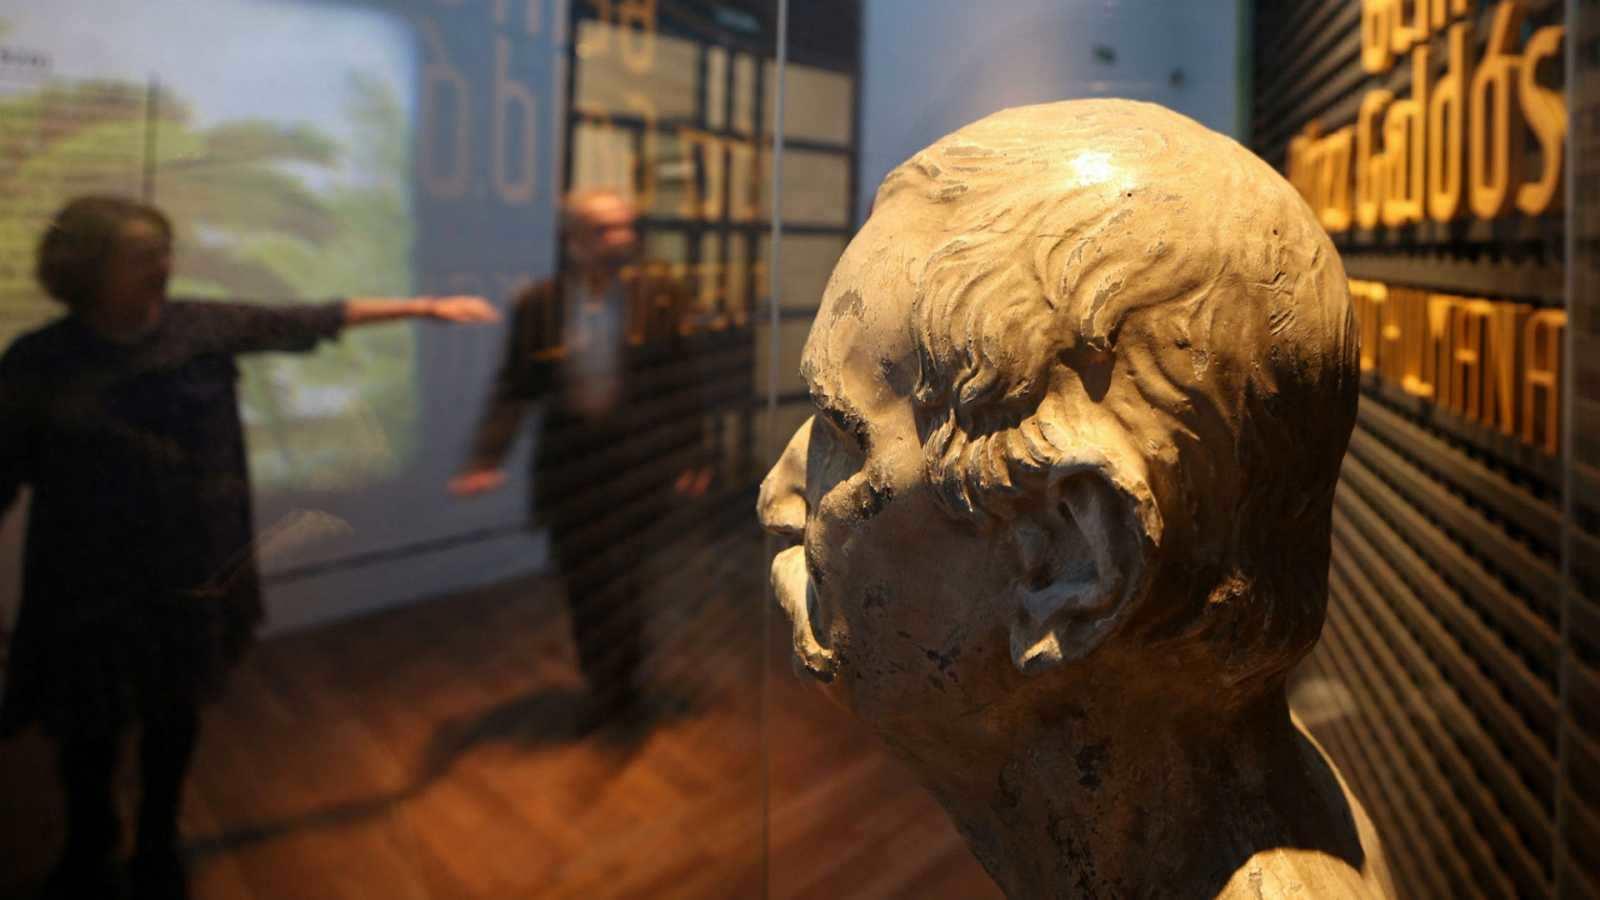 La Casa-Museo Pérez Galdós prepara la exposición Benito Pérez Galdós La verdad humana